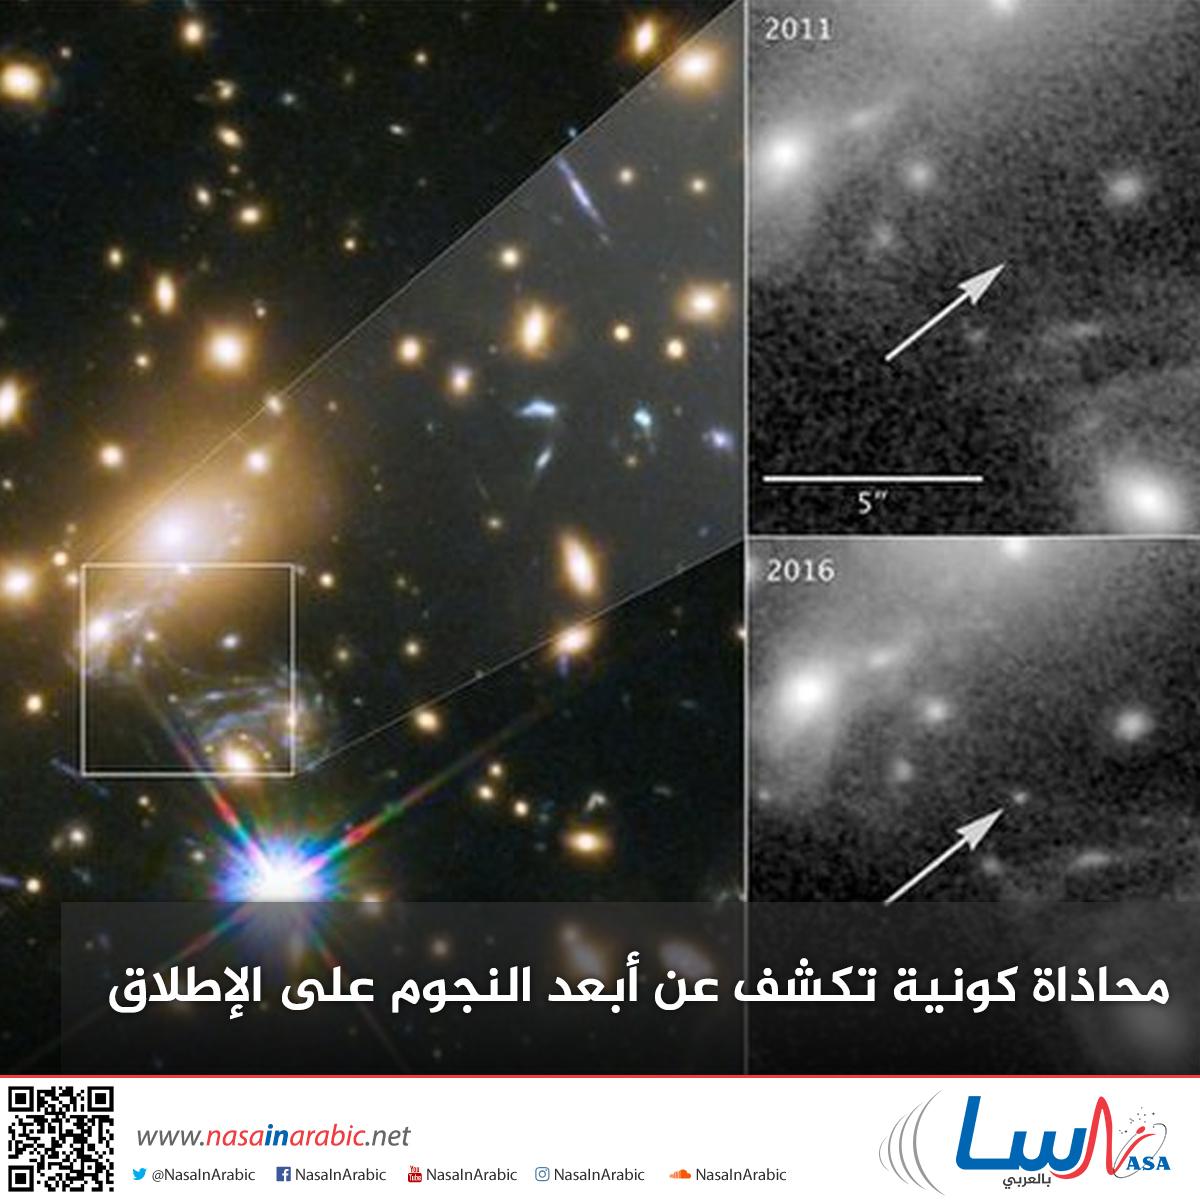 محاذاة كونية نادرة تكشف عن واحد من أبعد النجوم على الإطلاق!